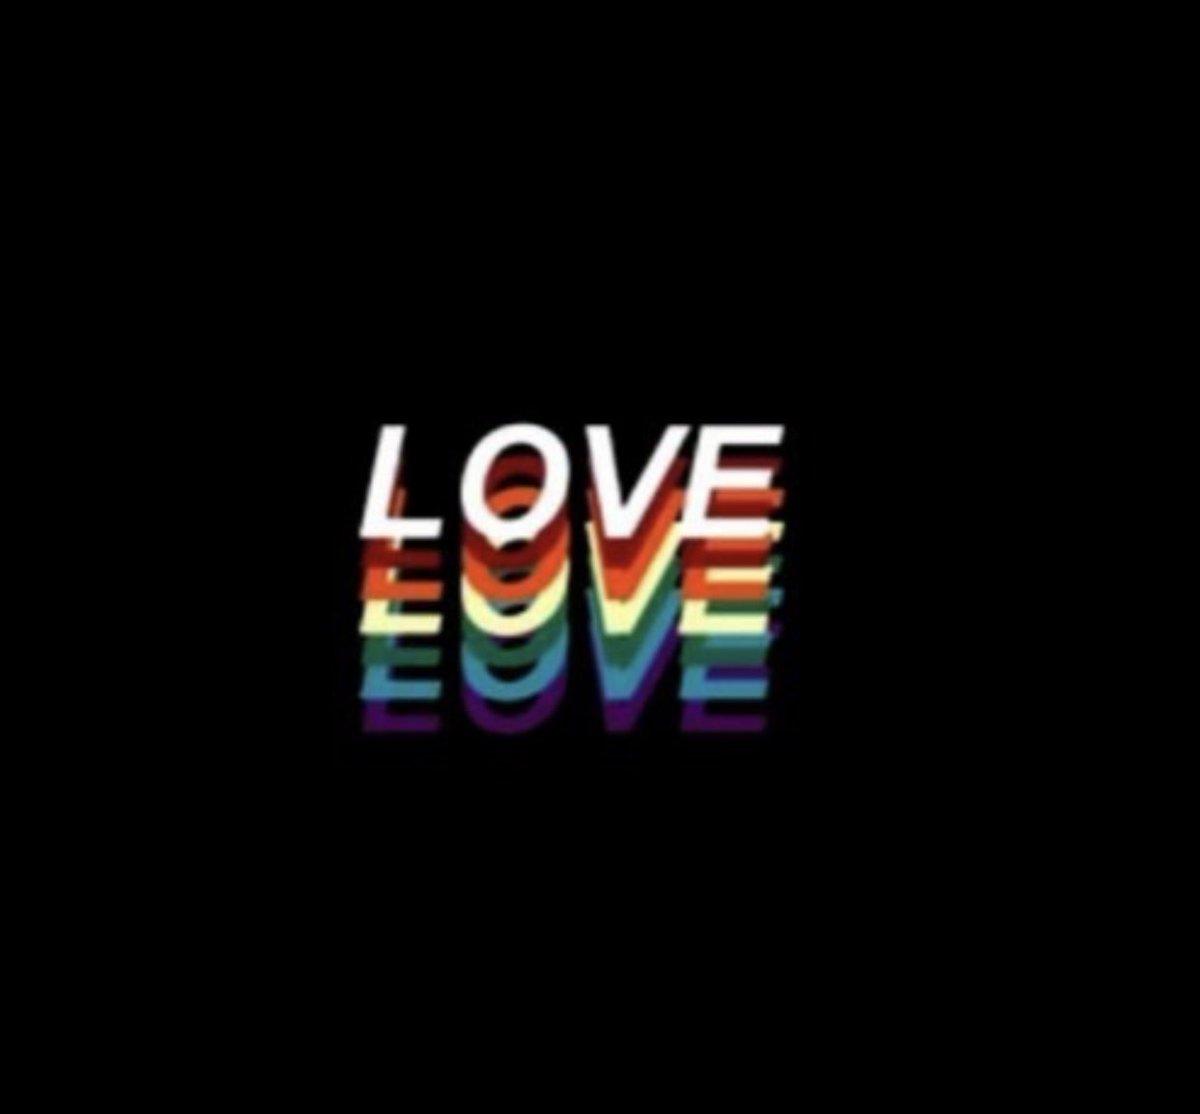 Less hate, more love! ❤️🧡💛💚💜 #Pride2020